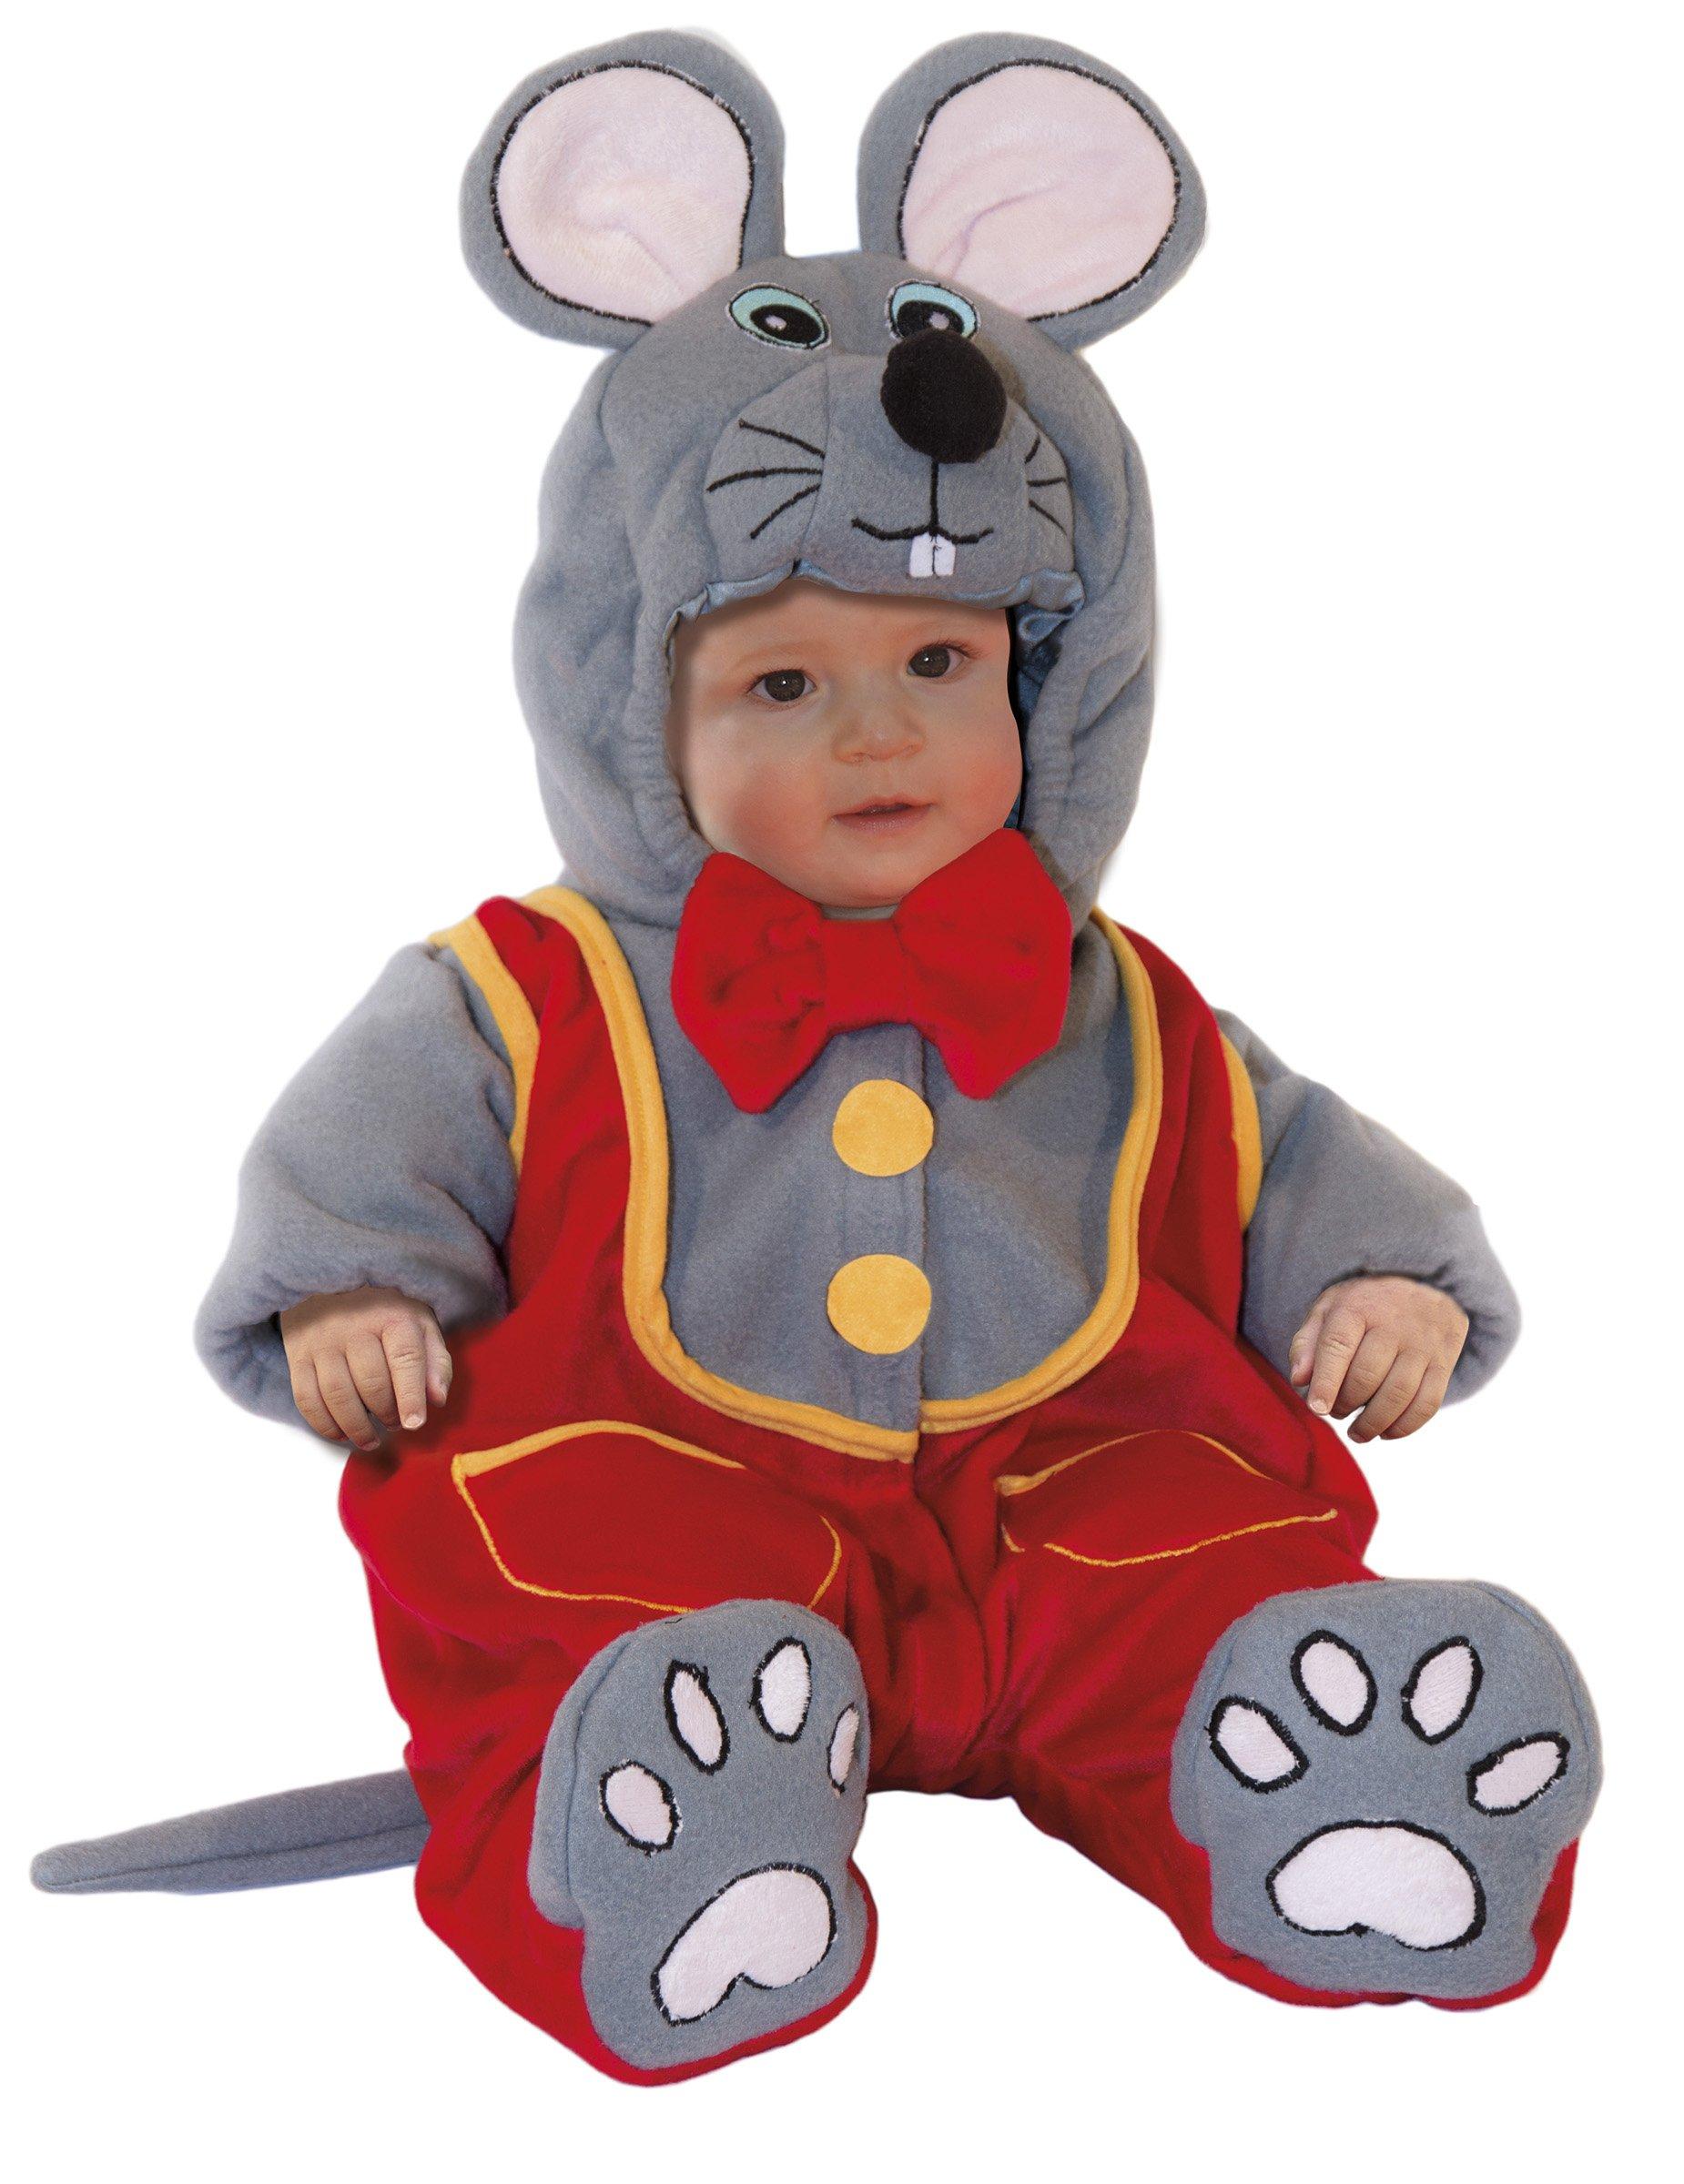 nuovo economico in vendita all'ingrosso alta qualità Costume topolino lusso per neonato: Costumi bambini,e ...